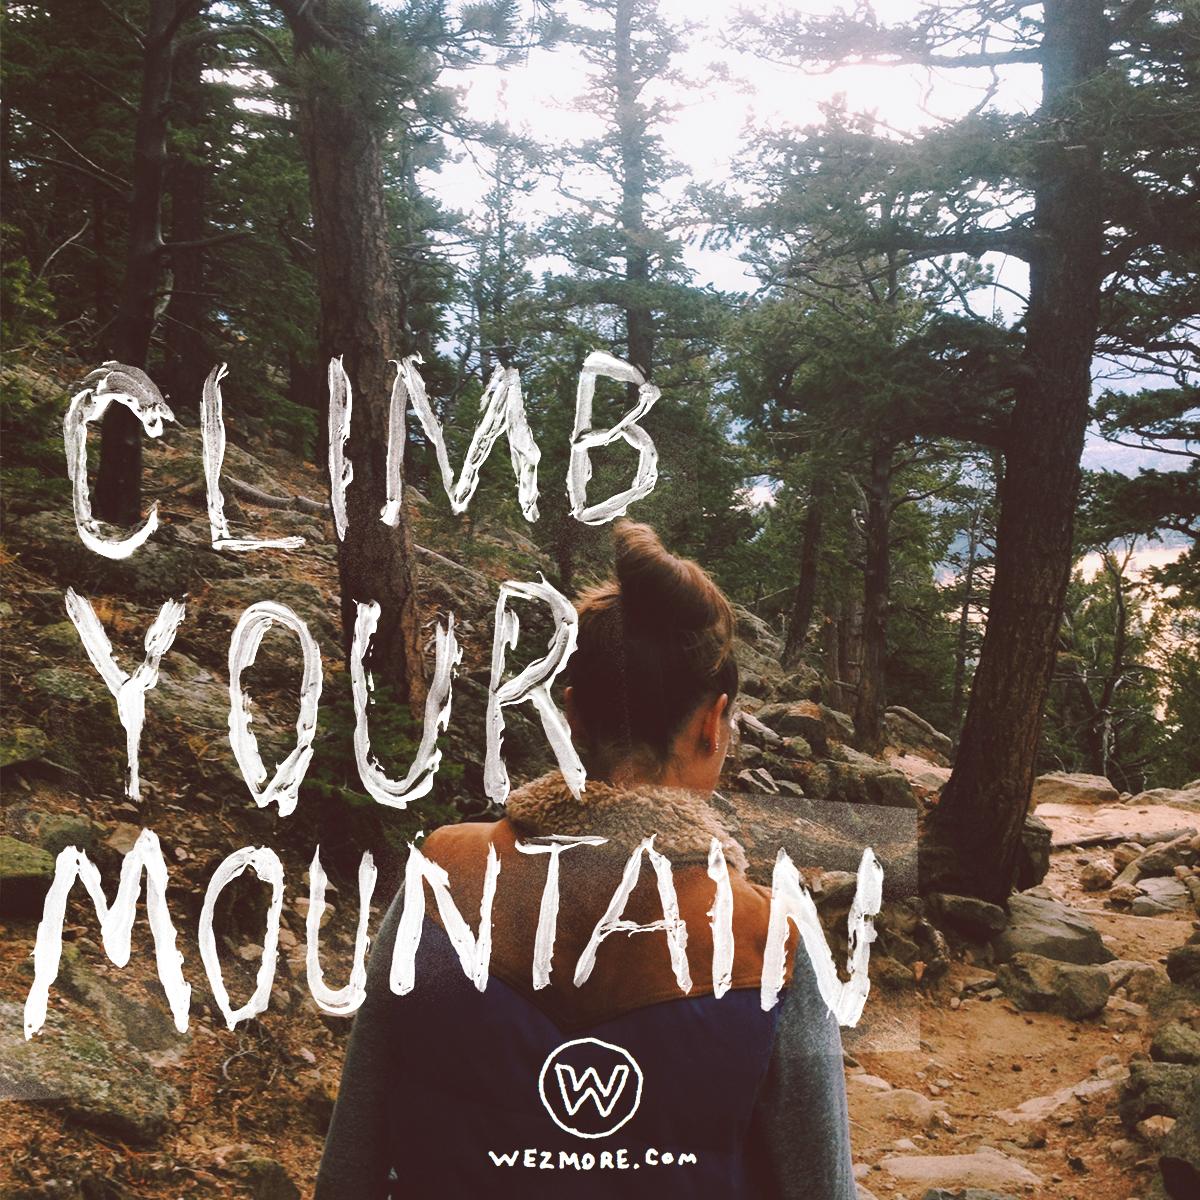 climbyourmountain.jpg